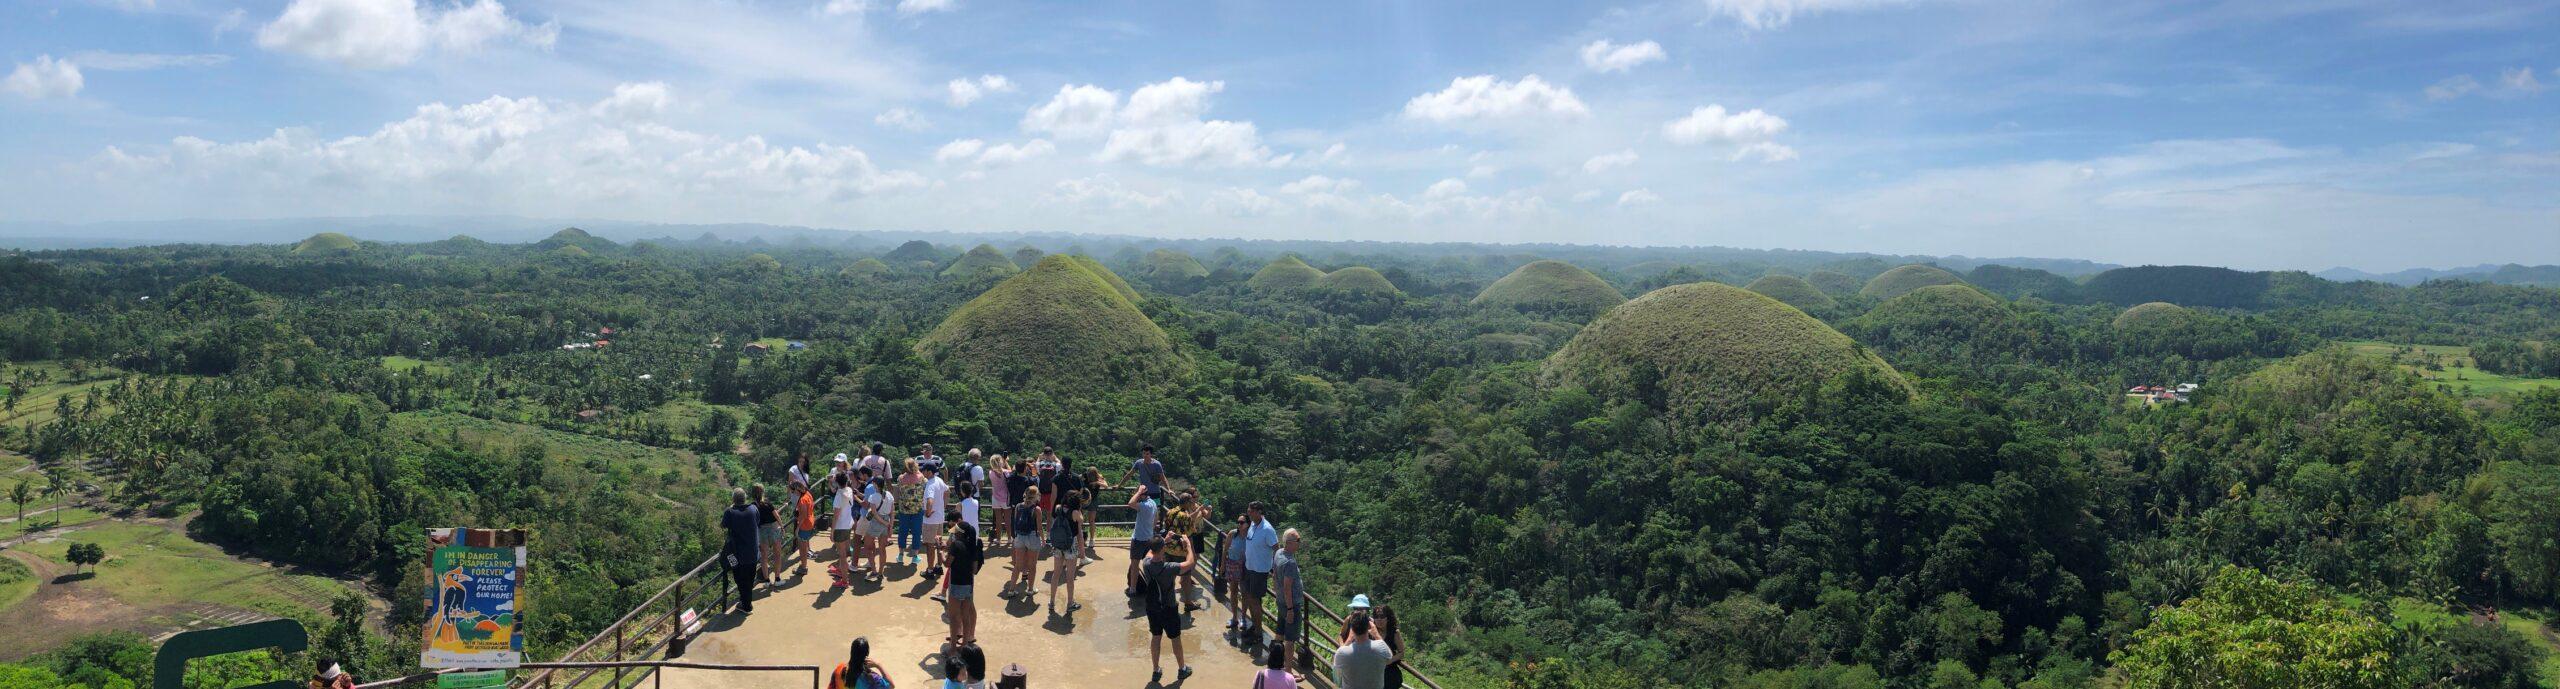 Chocolate Hills 2020 Panorama